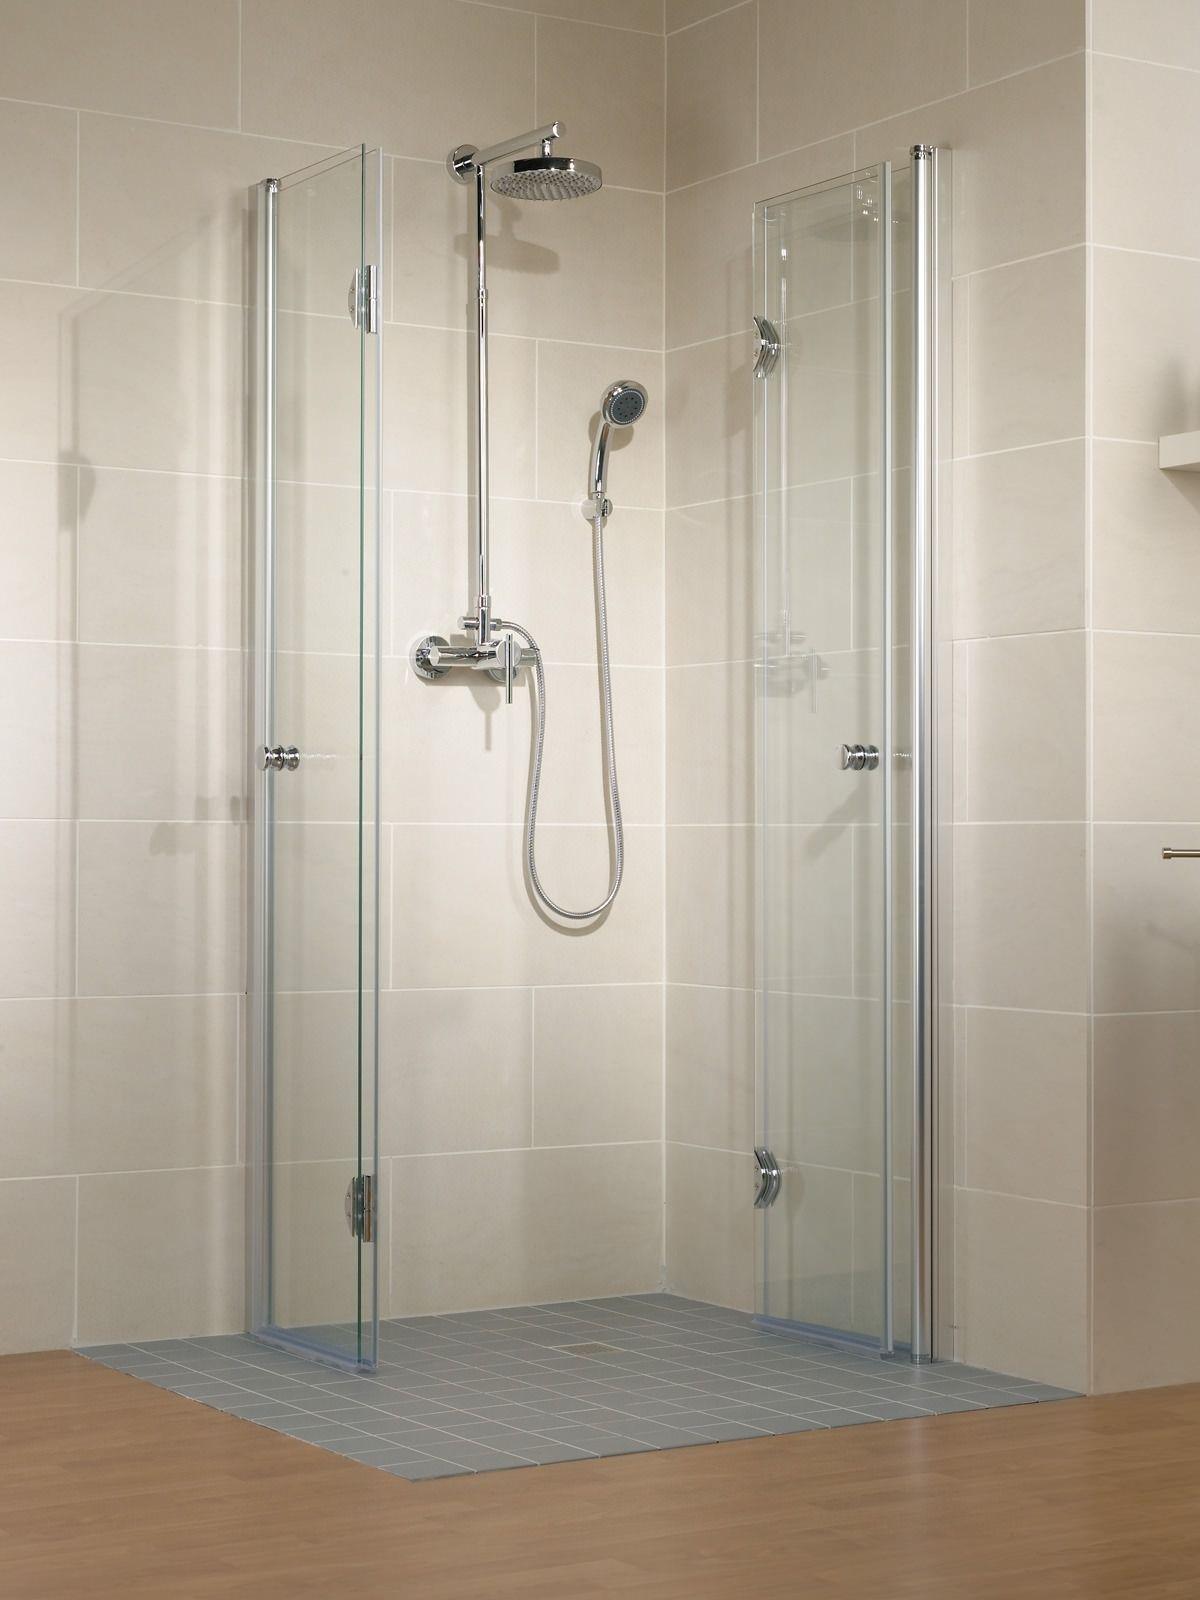 Falttur Dusche 15 Beispiele Zur Gestaltung Hsk Duschfaltturen Falttur Dusche Dusche Badewanne